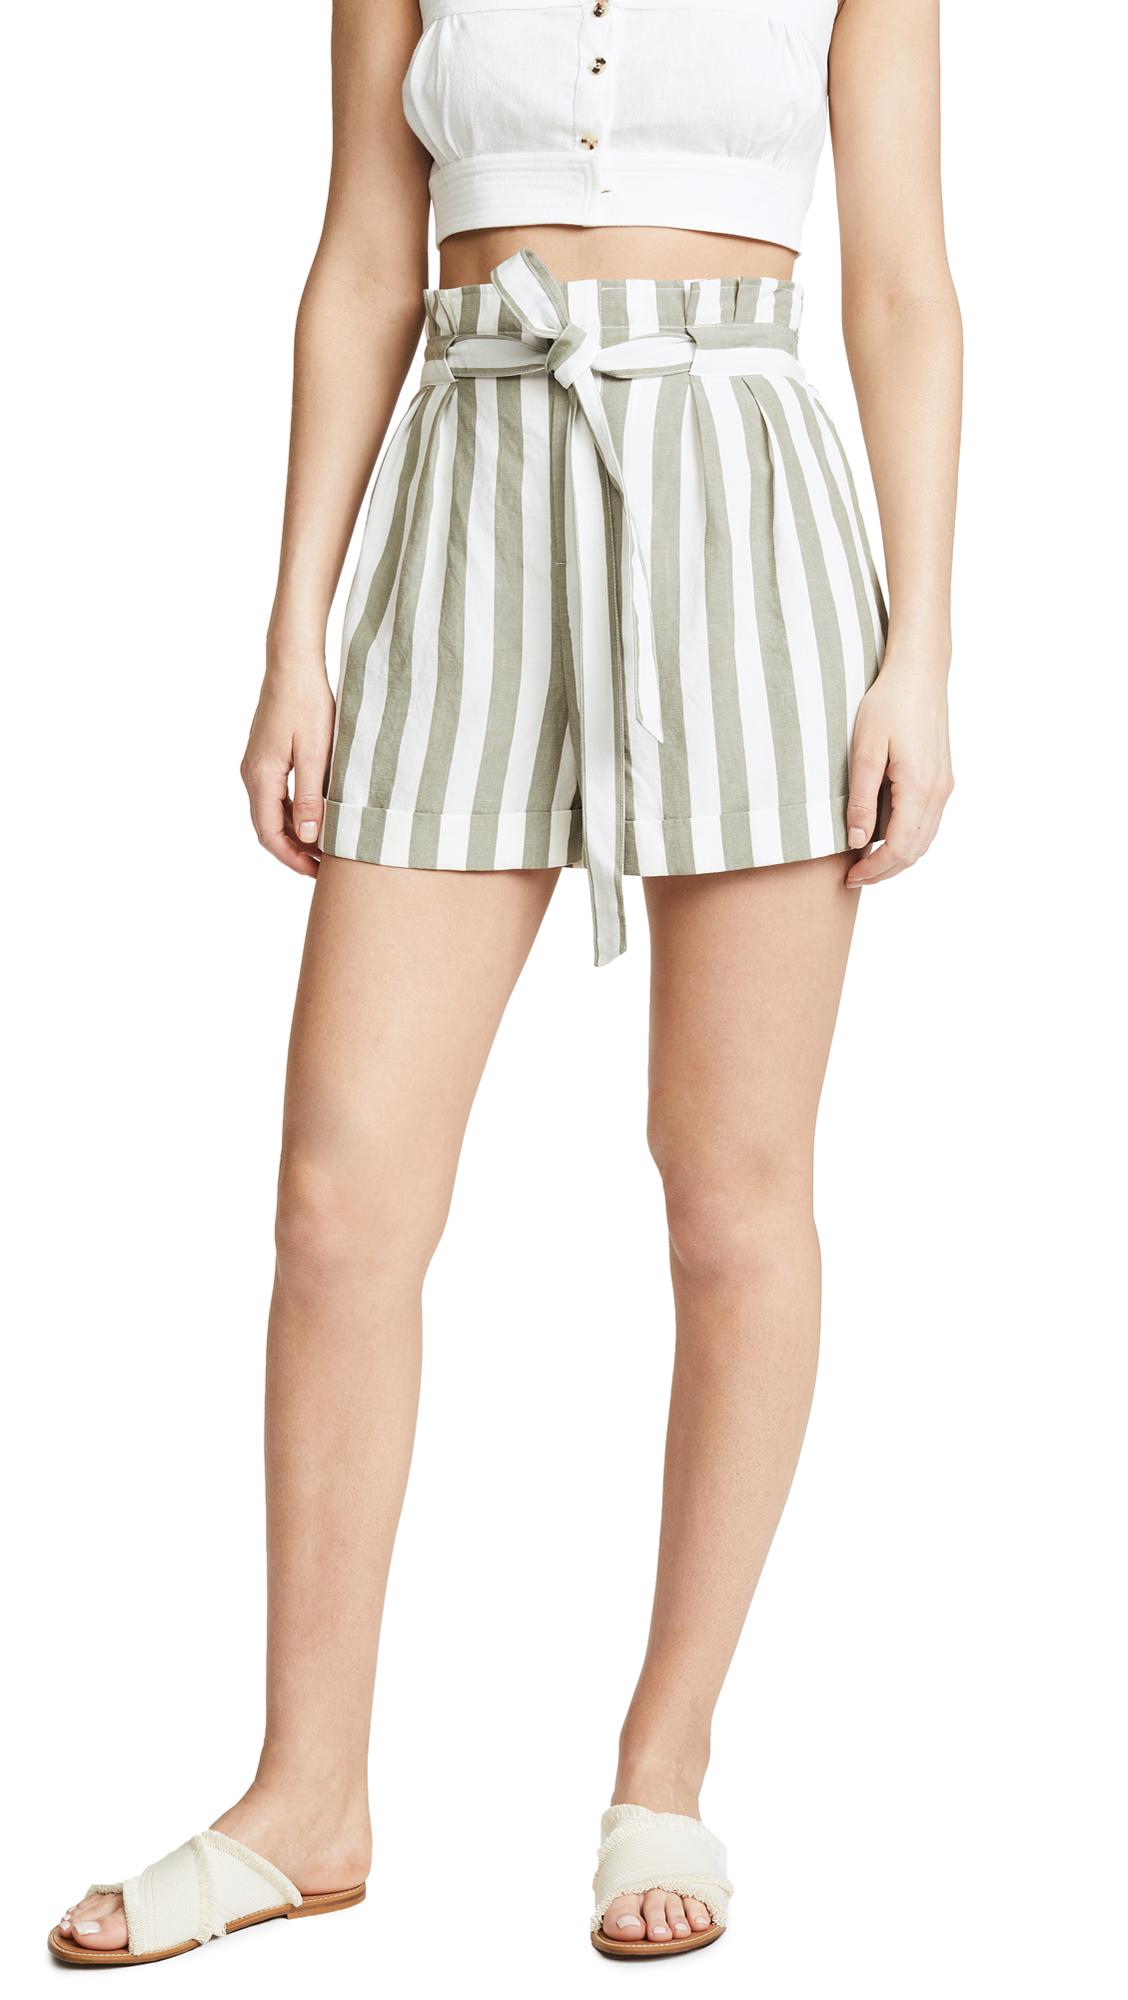 Club Monaco Anree Shorts - White Multi